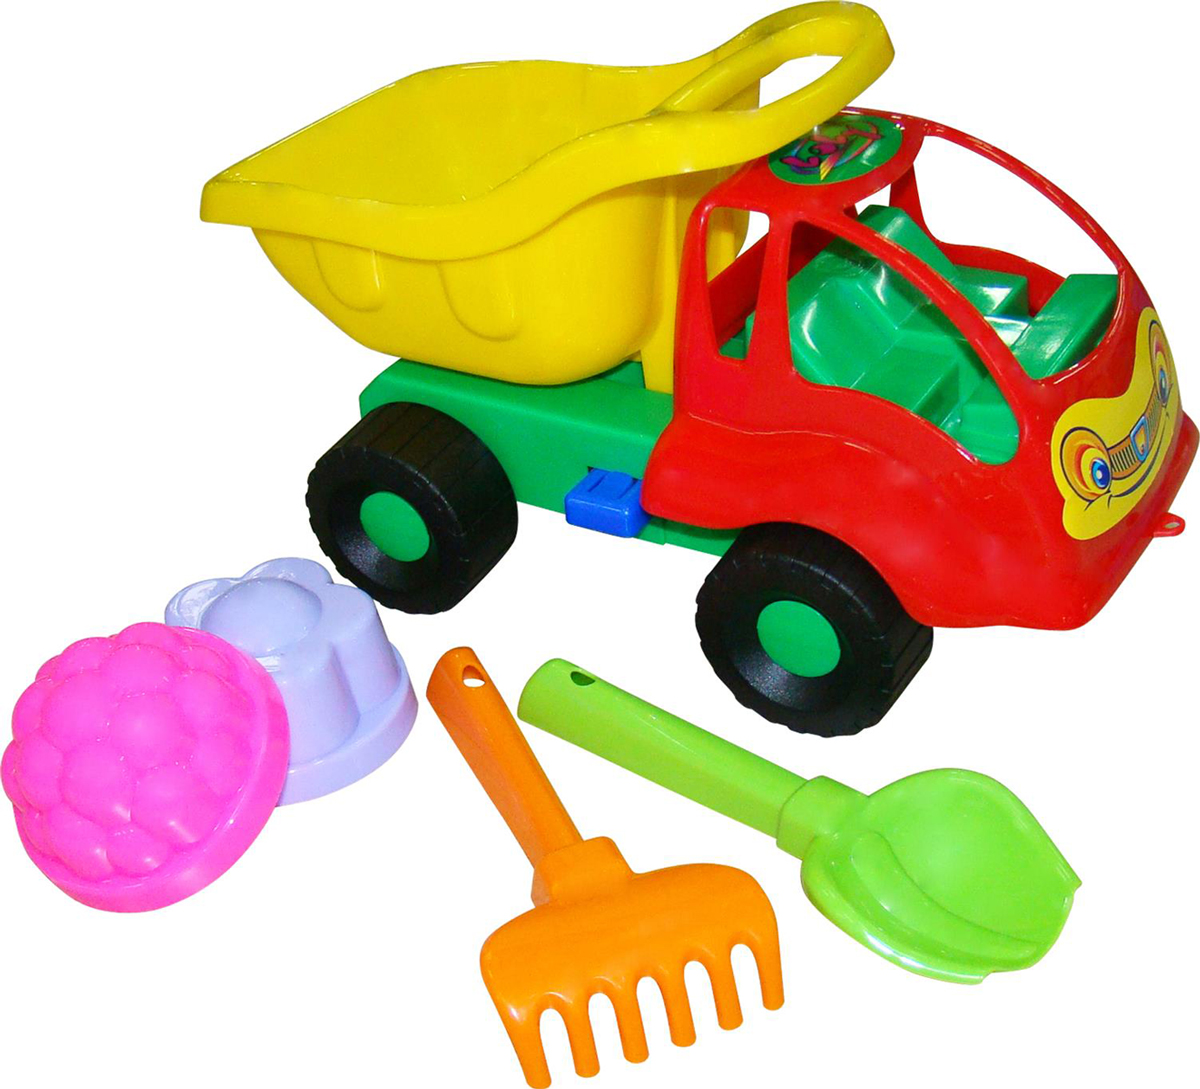 Полесье Набор игрушек для песочницы №58 Муравей полесье набор для песочницы 406